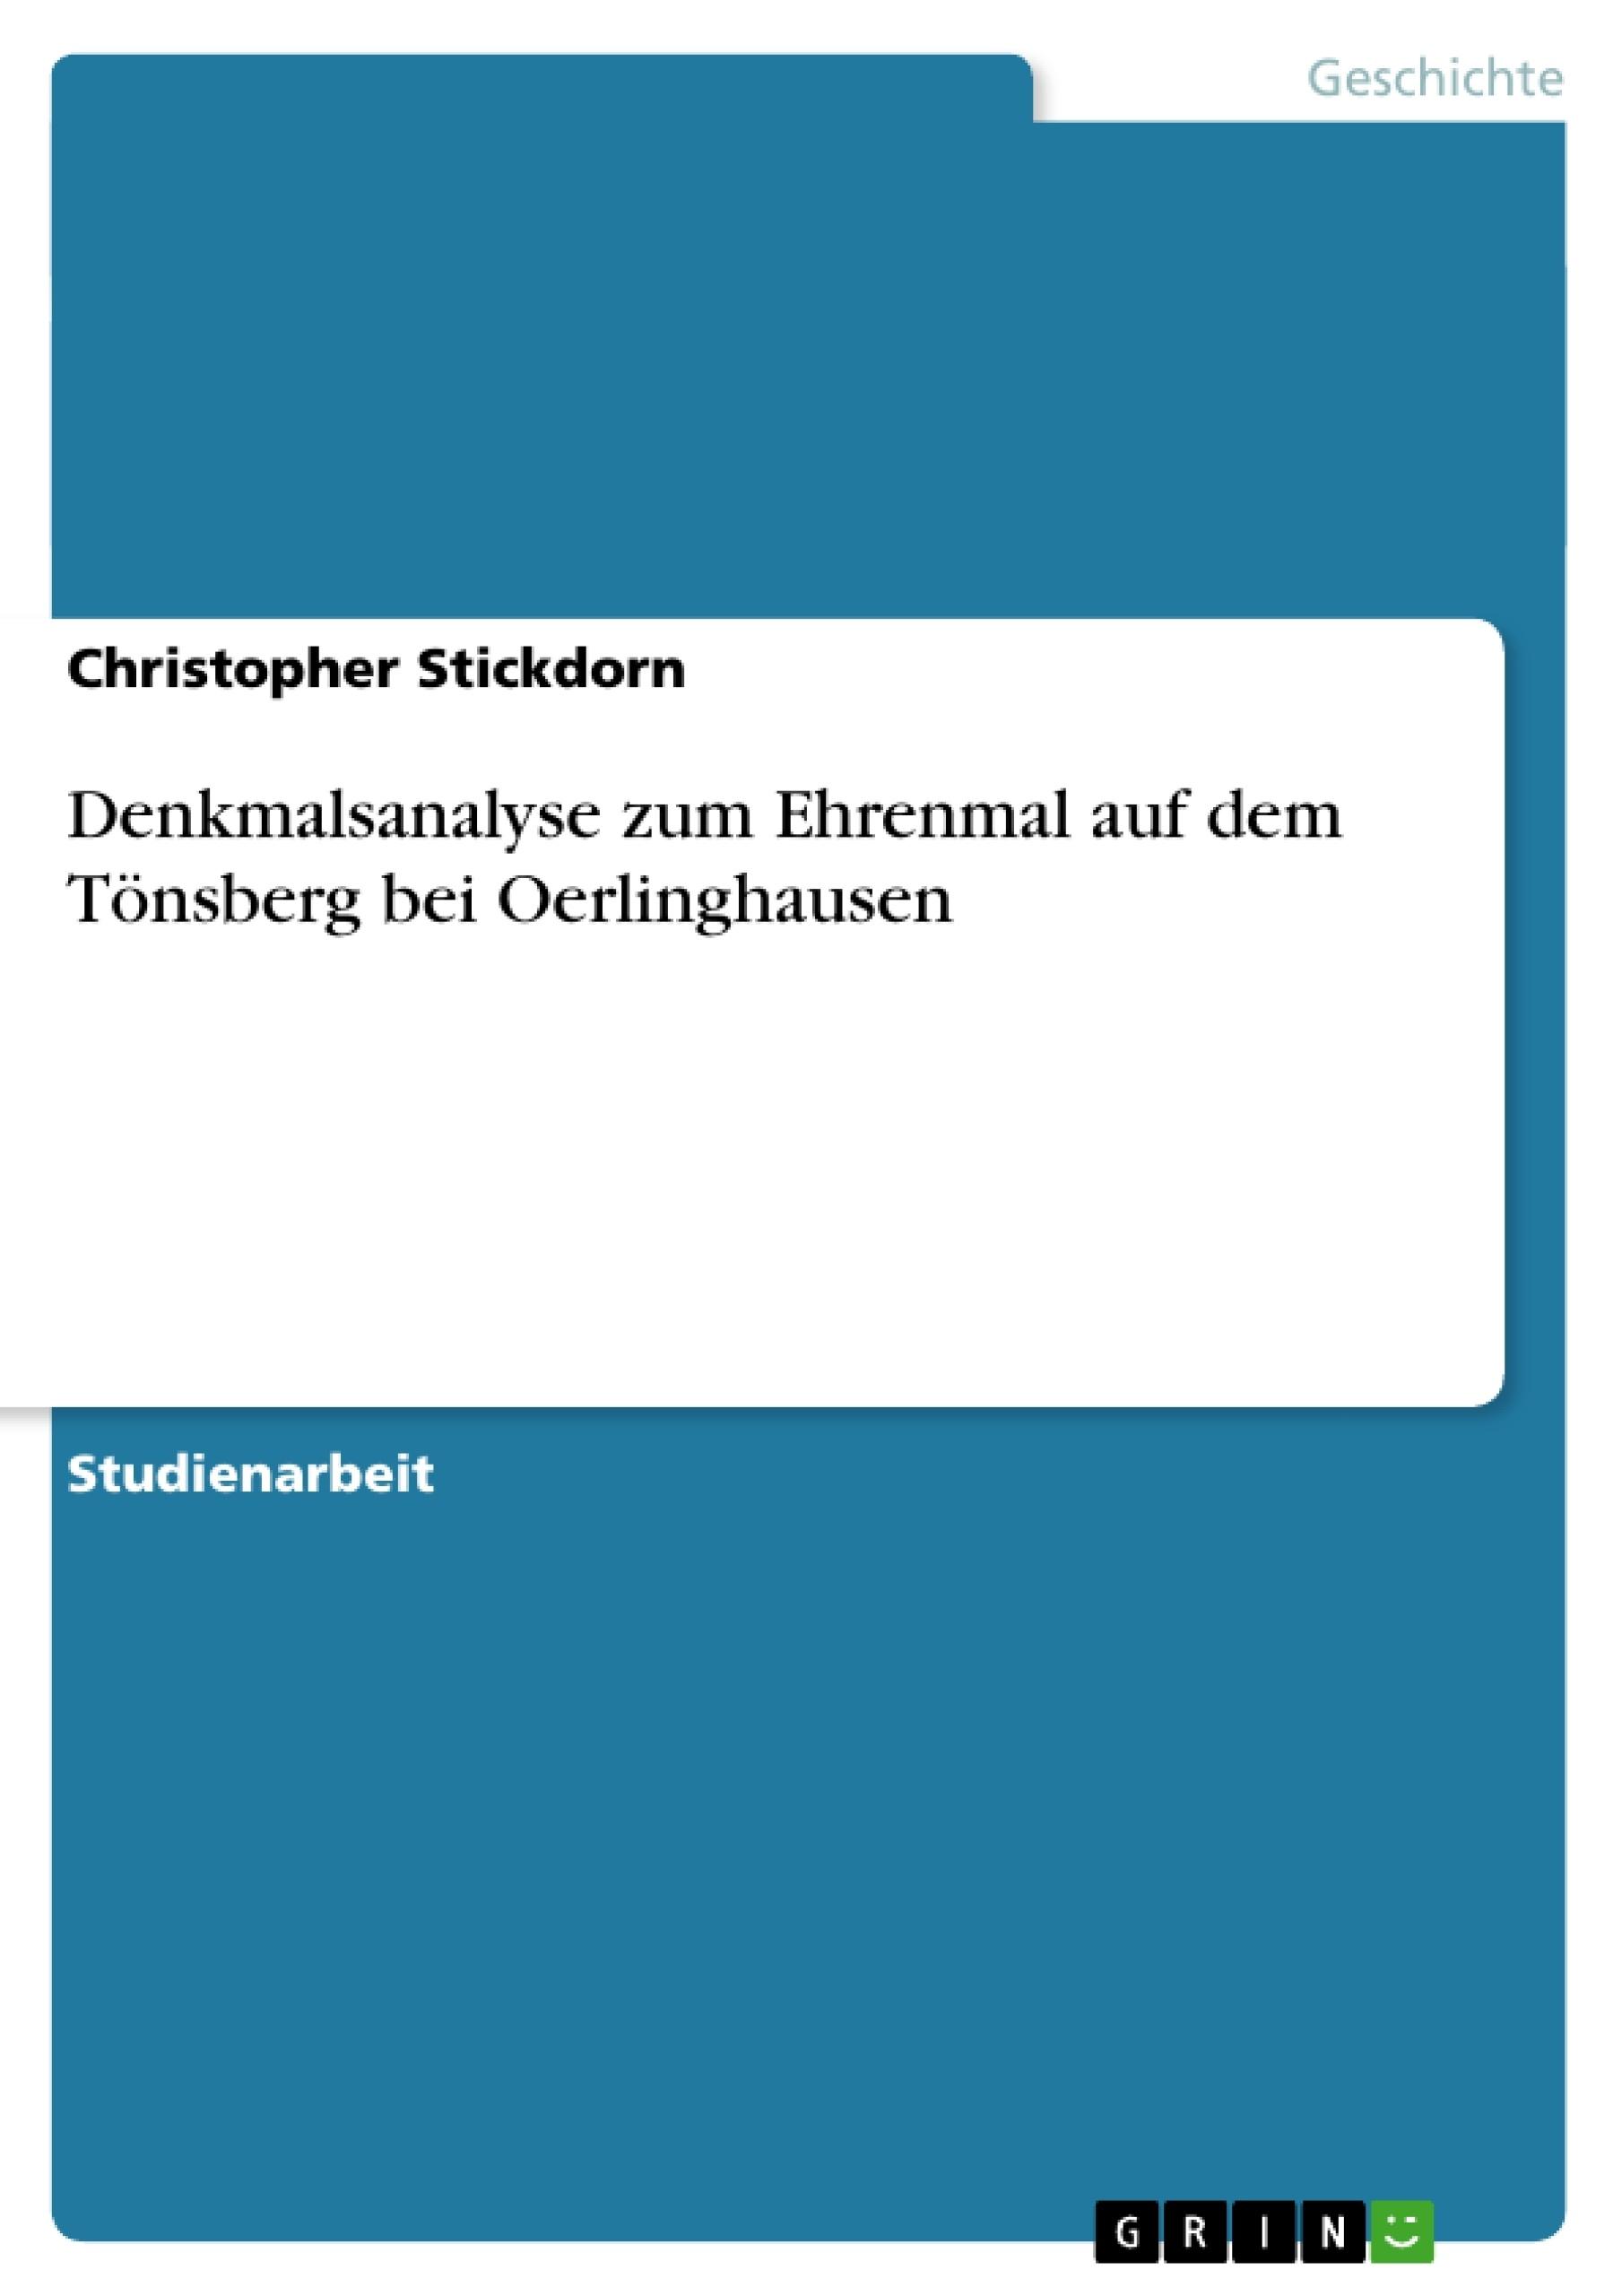 Titel: Denkmalsanalyse zum Ehrenmal auf dem Tönsberg bei Oerlinghausen